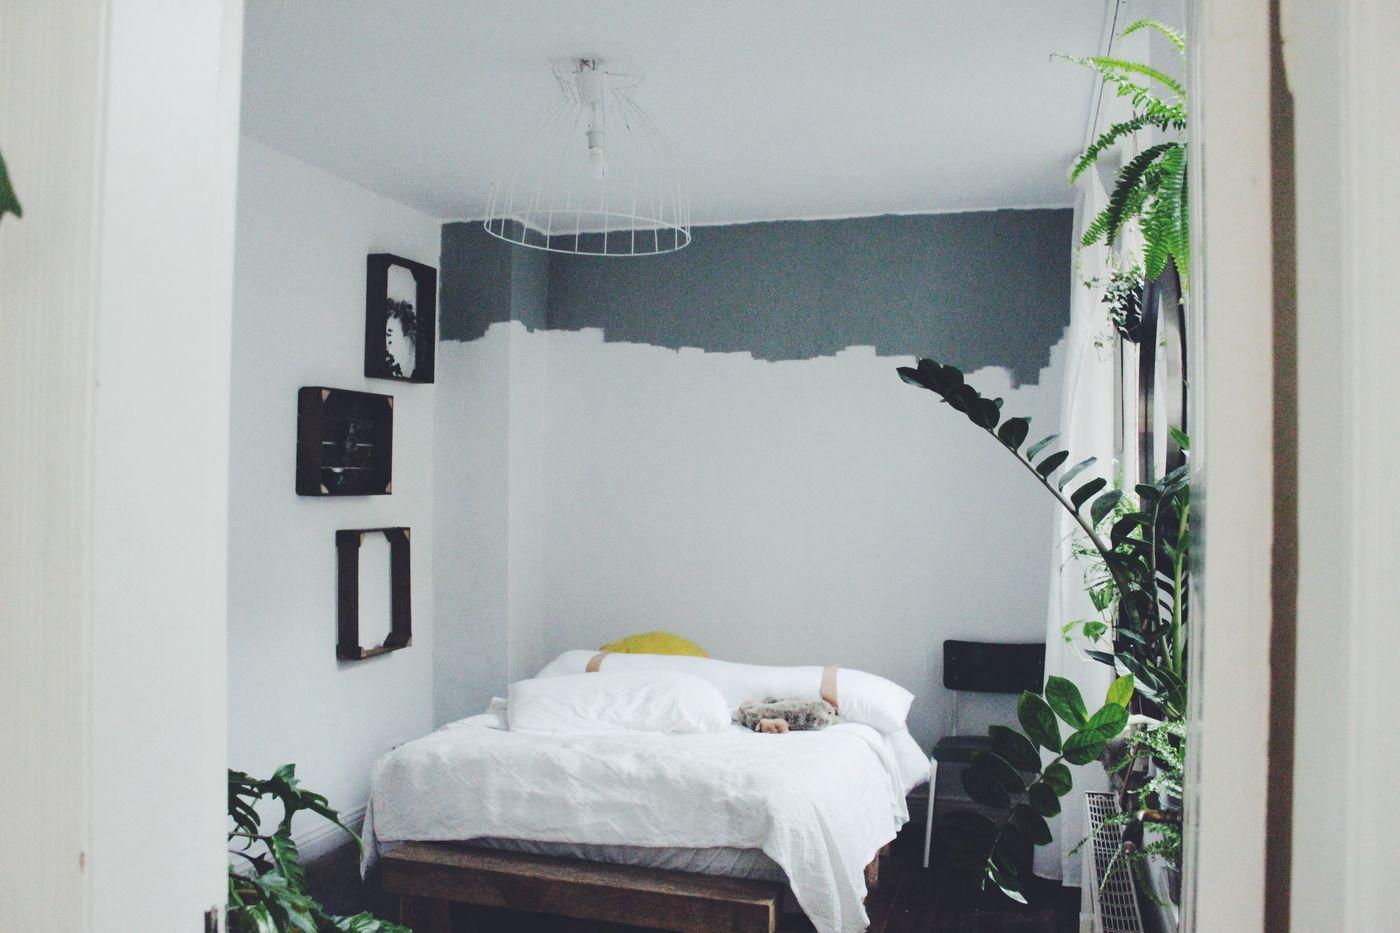 Betten selber bauen: Die besten Ideen und Tipps - Seite 6